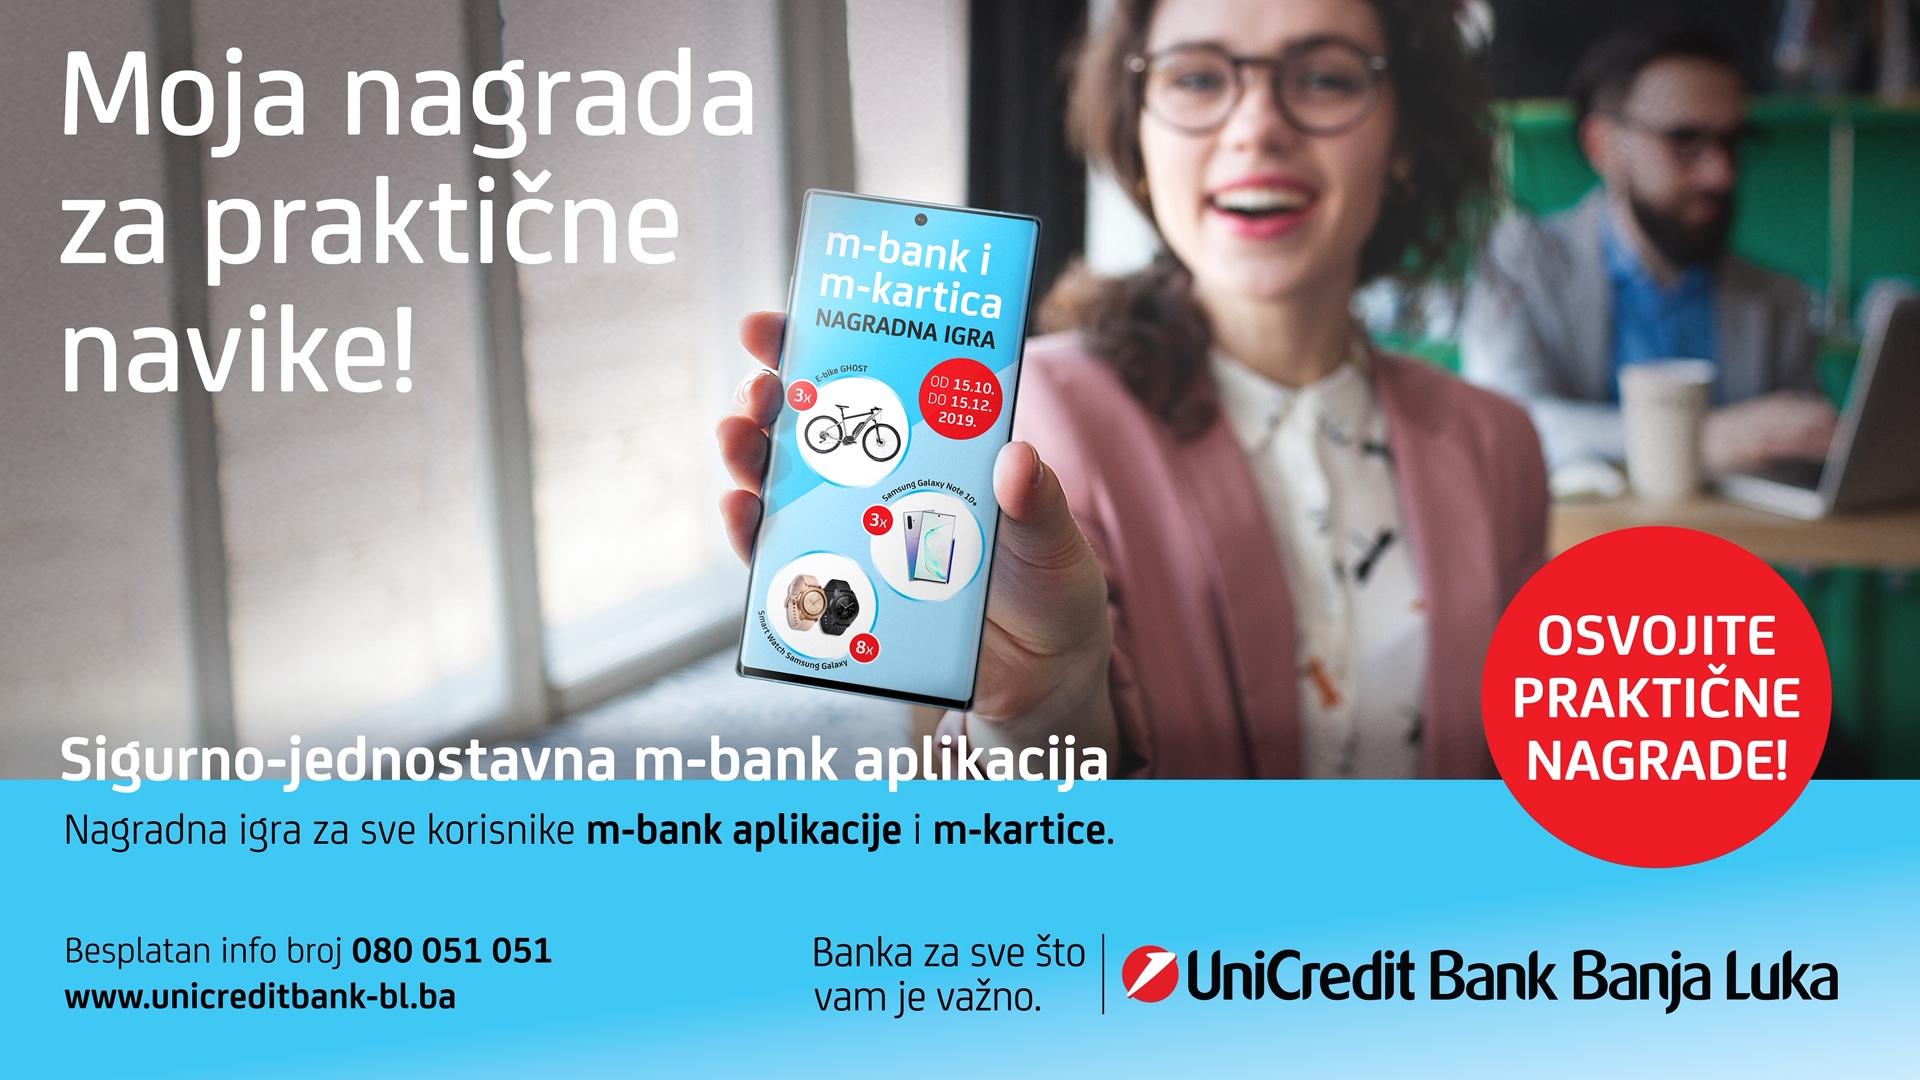 UniCredit Bank Banja Luka ukazuje na prednosti mobilnog bankarstva i nagrađuje praktične navike svojih klijenata